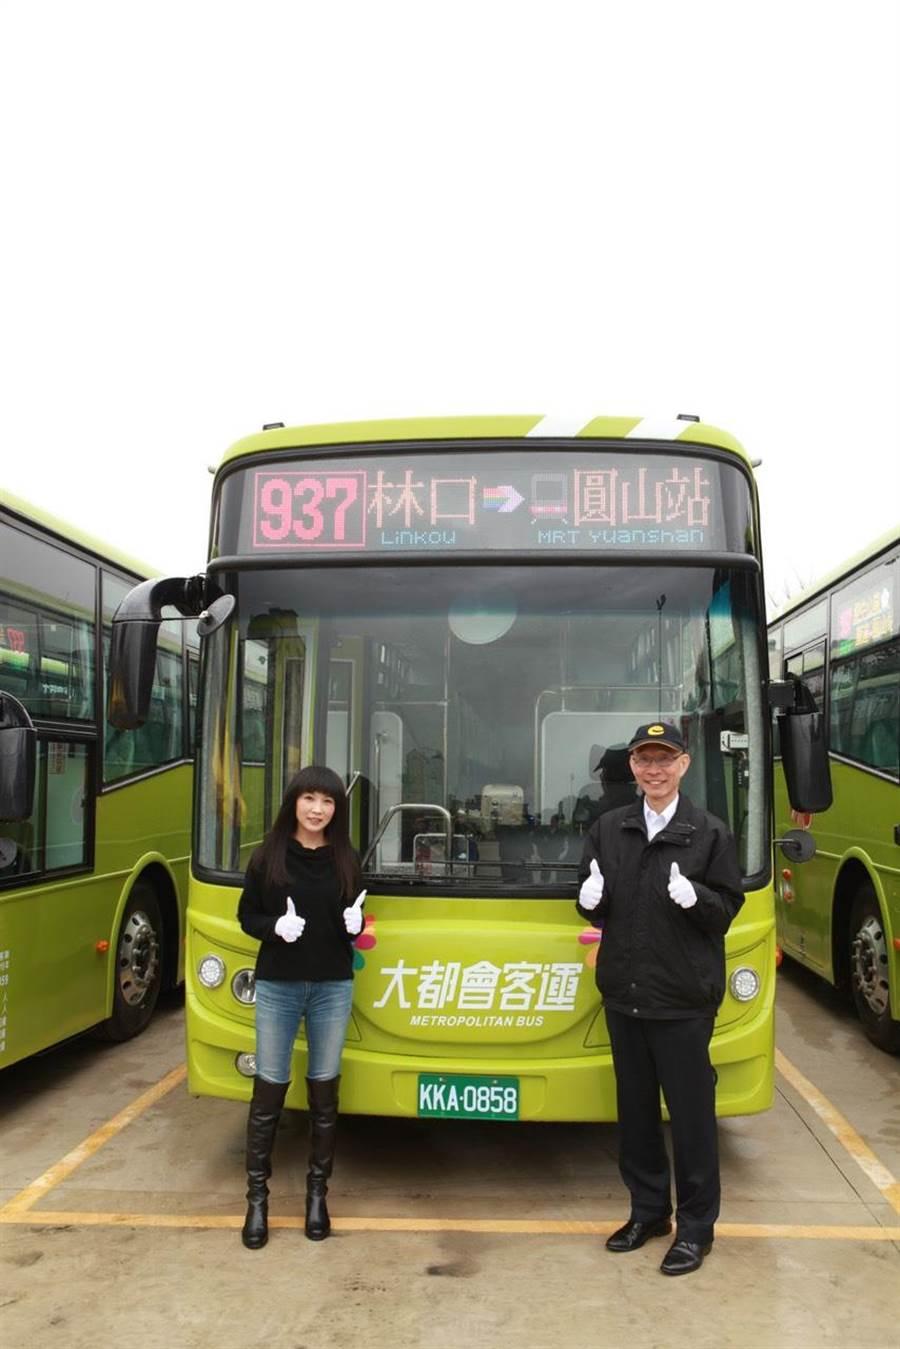 市議員蔡淑君(左)、大都會客運總經理李建文(右)與全新的937公車合影。(市議員蔡淑君提供/吳亮賢新北傳真)